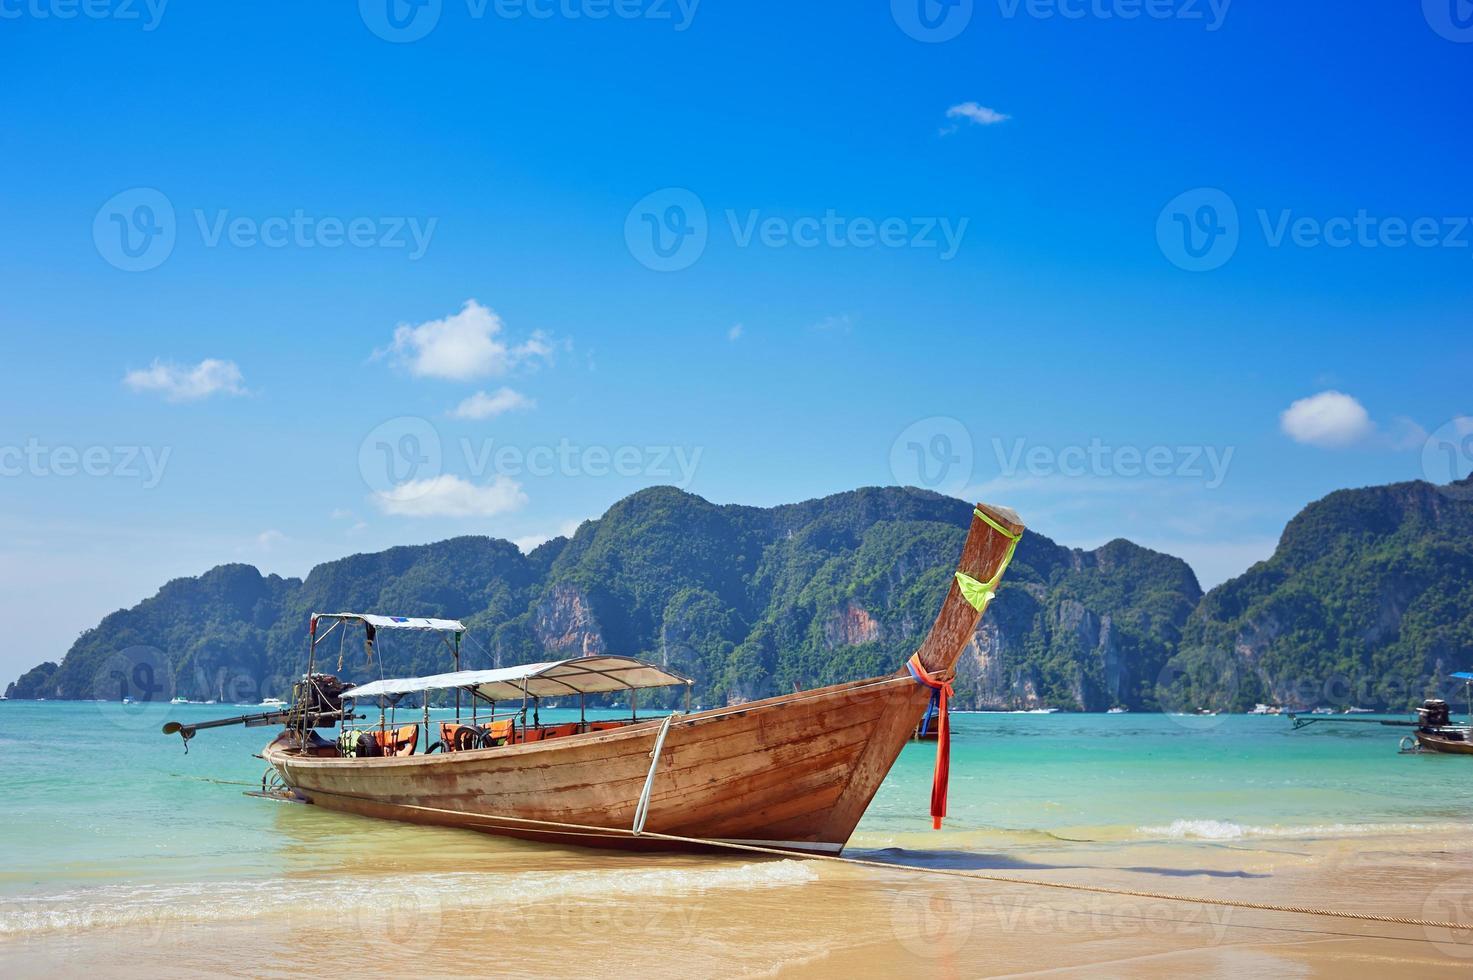 barco longtail no lindo mar em céu claro foto